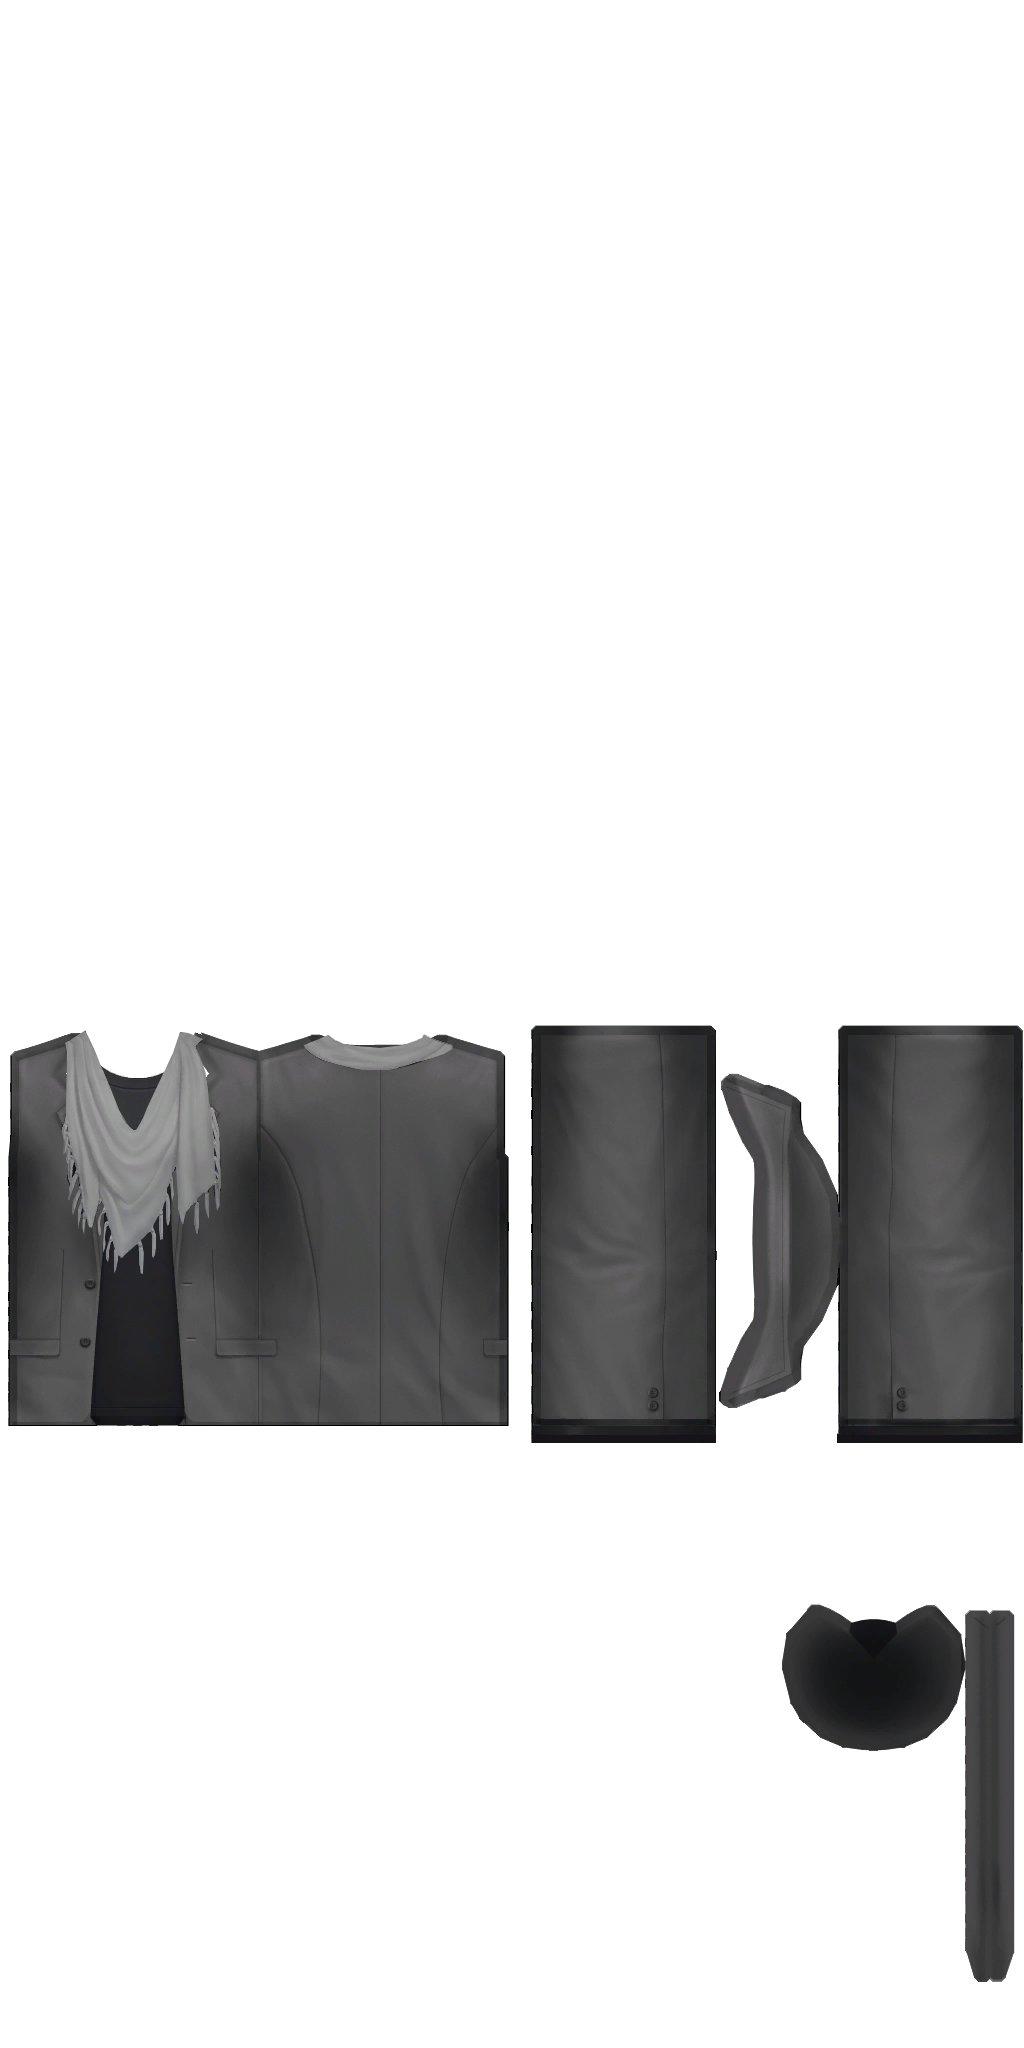 [Suivi d'atelier] Atelier de création de vêtement  Shyma10